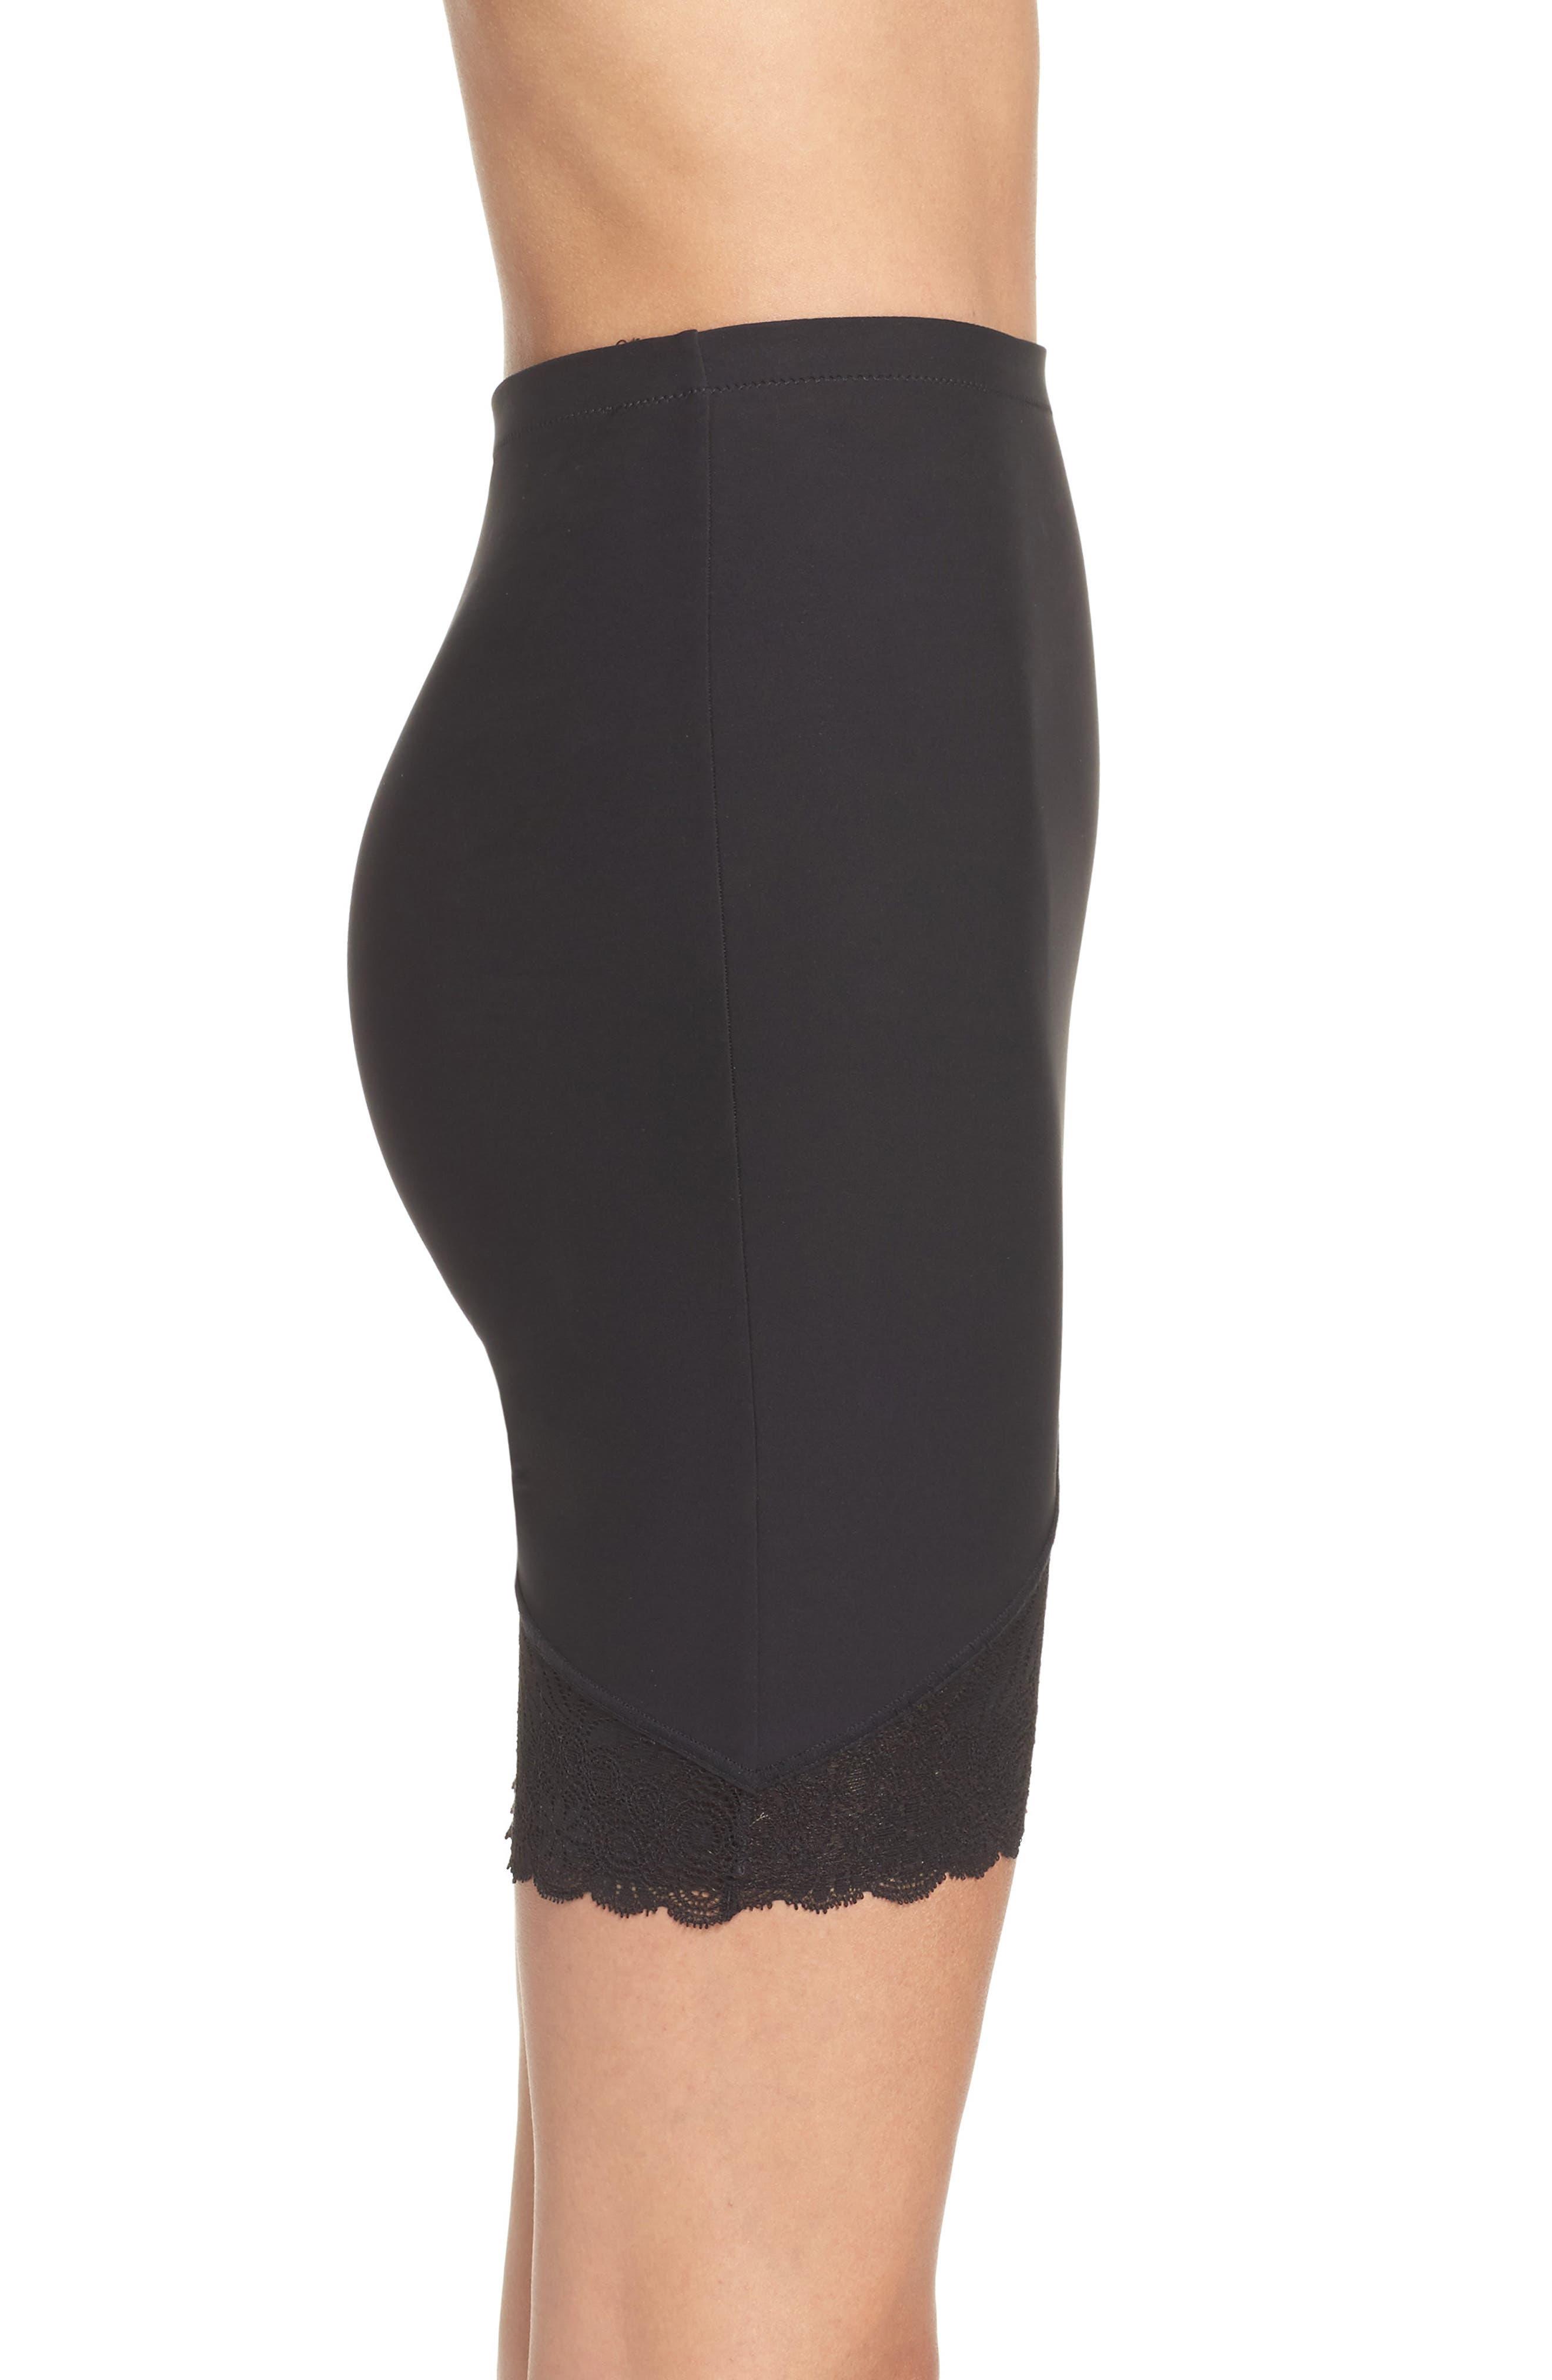 Top Model High Waist Skirt Shaper,                             Alternate thumbnail 2, color,                             001